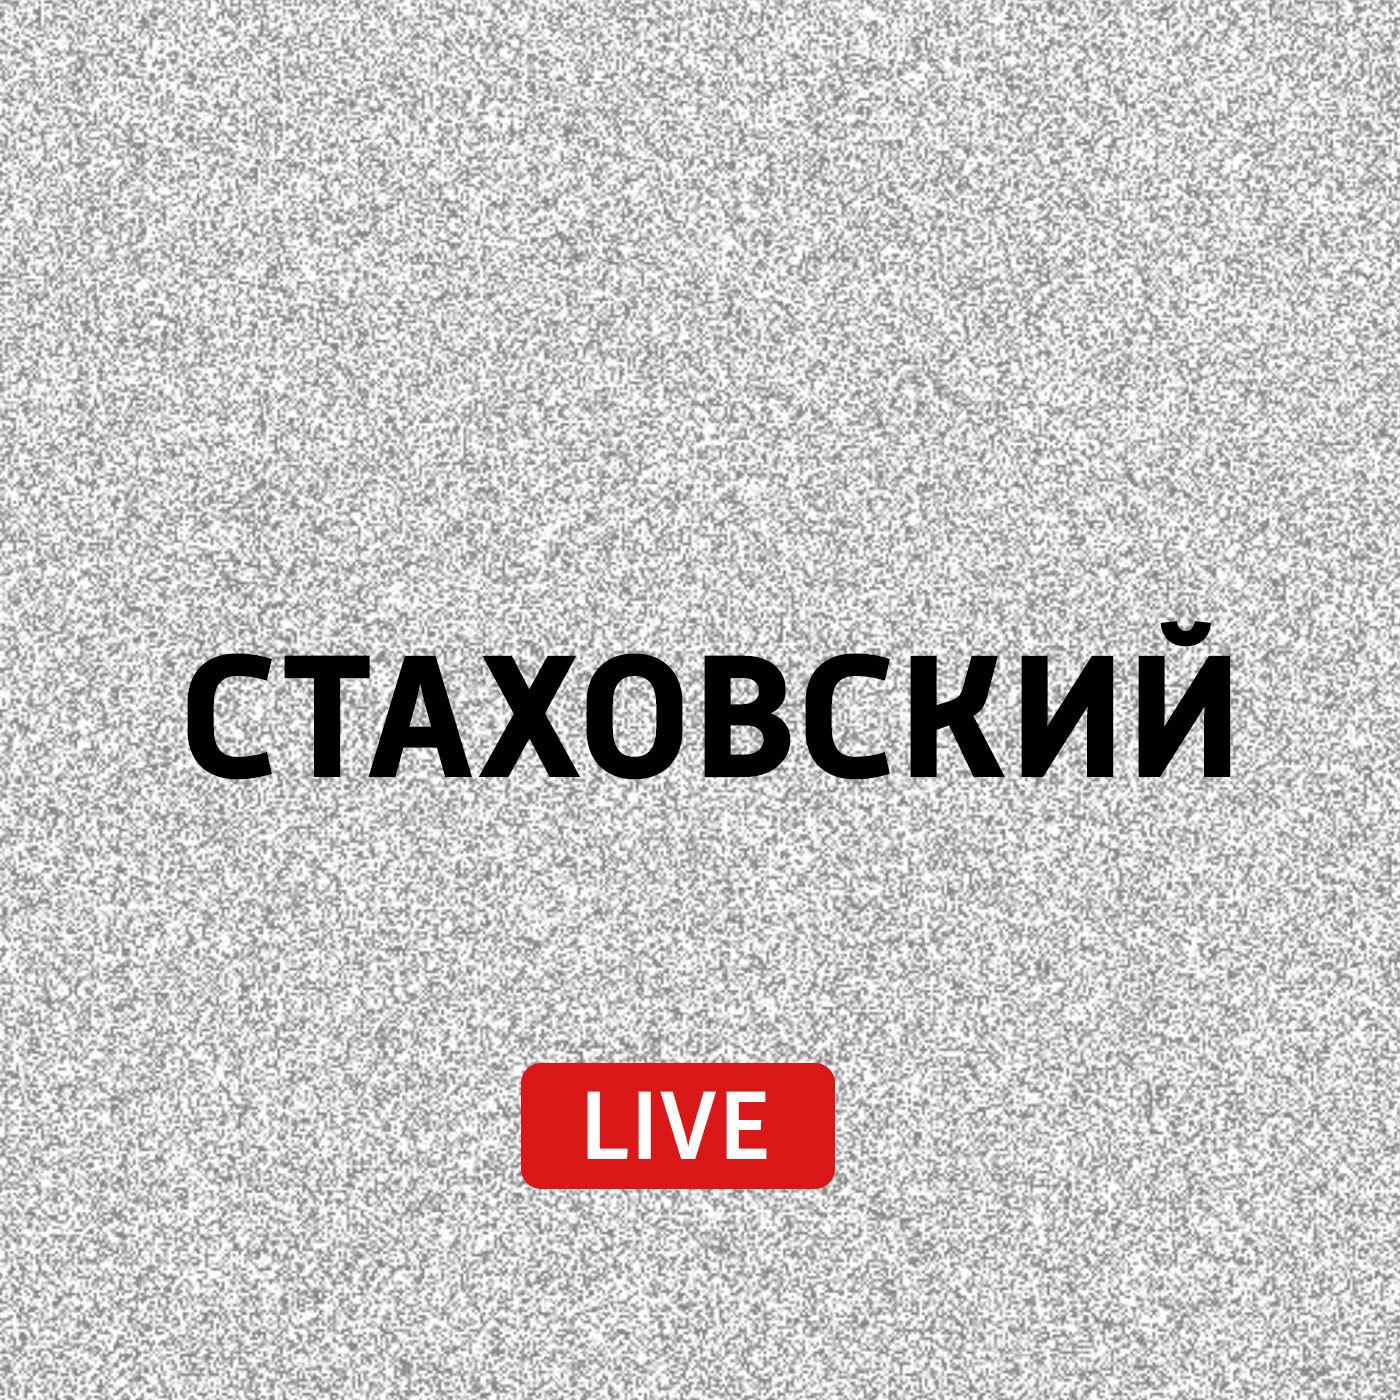 Евгений Стаховский Интервью с Катей Павловой